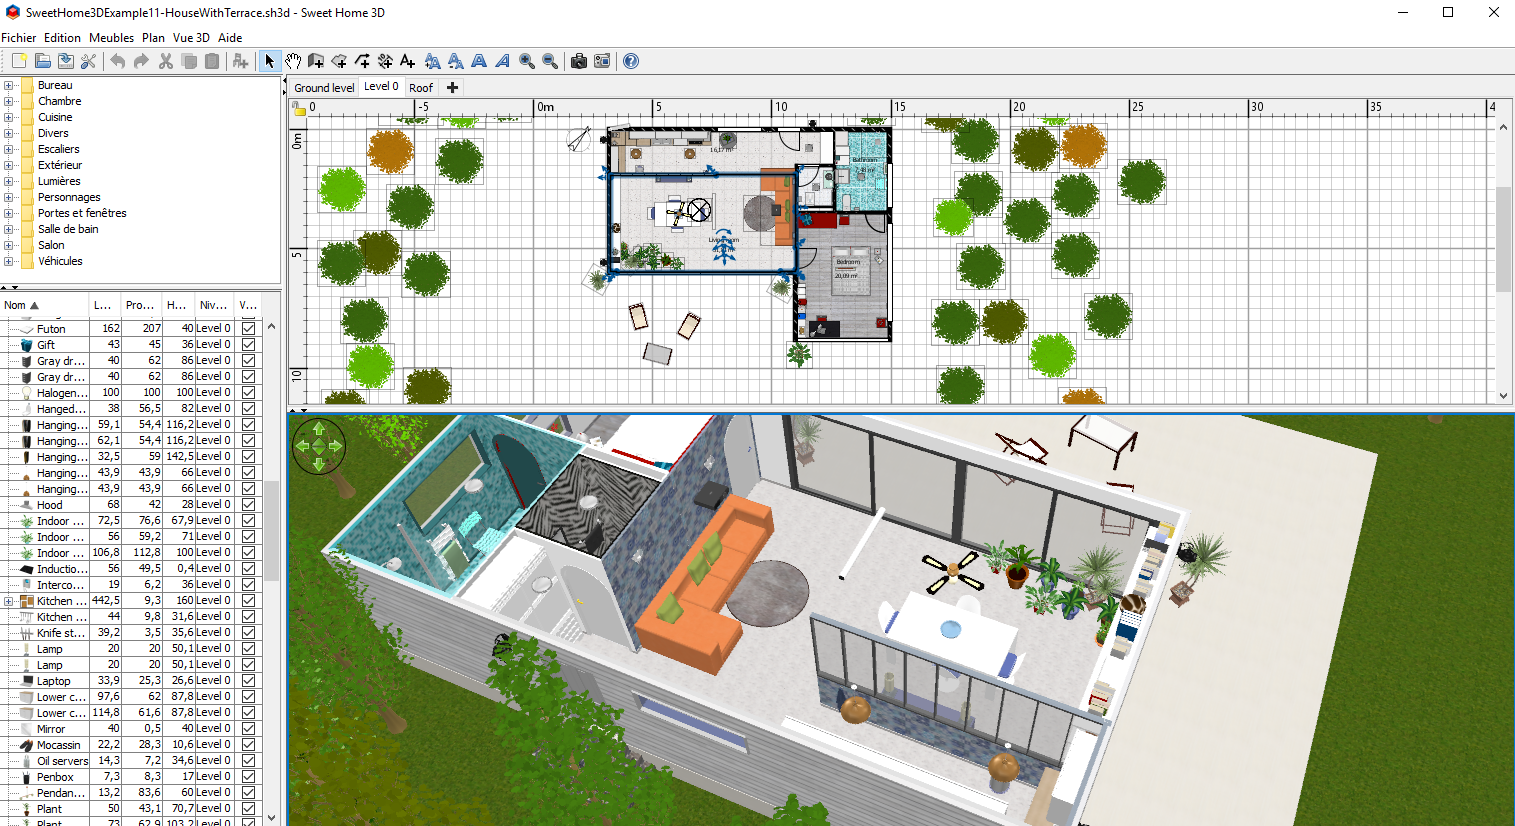 Telecharger logiciel de plan de maison 3d gratuit id es de travaux - Logiciel de plan de maison 3d gratuit ...